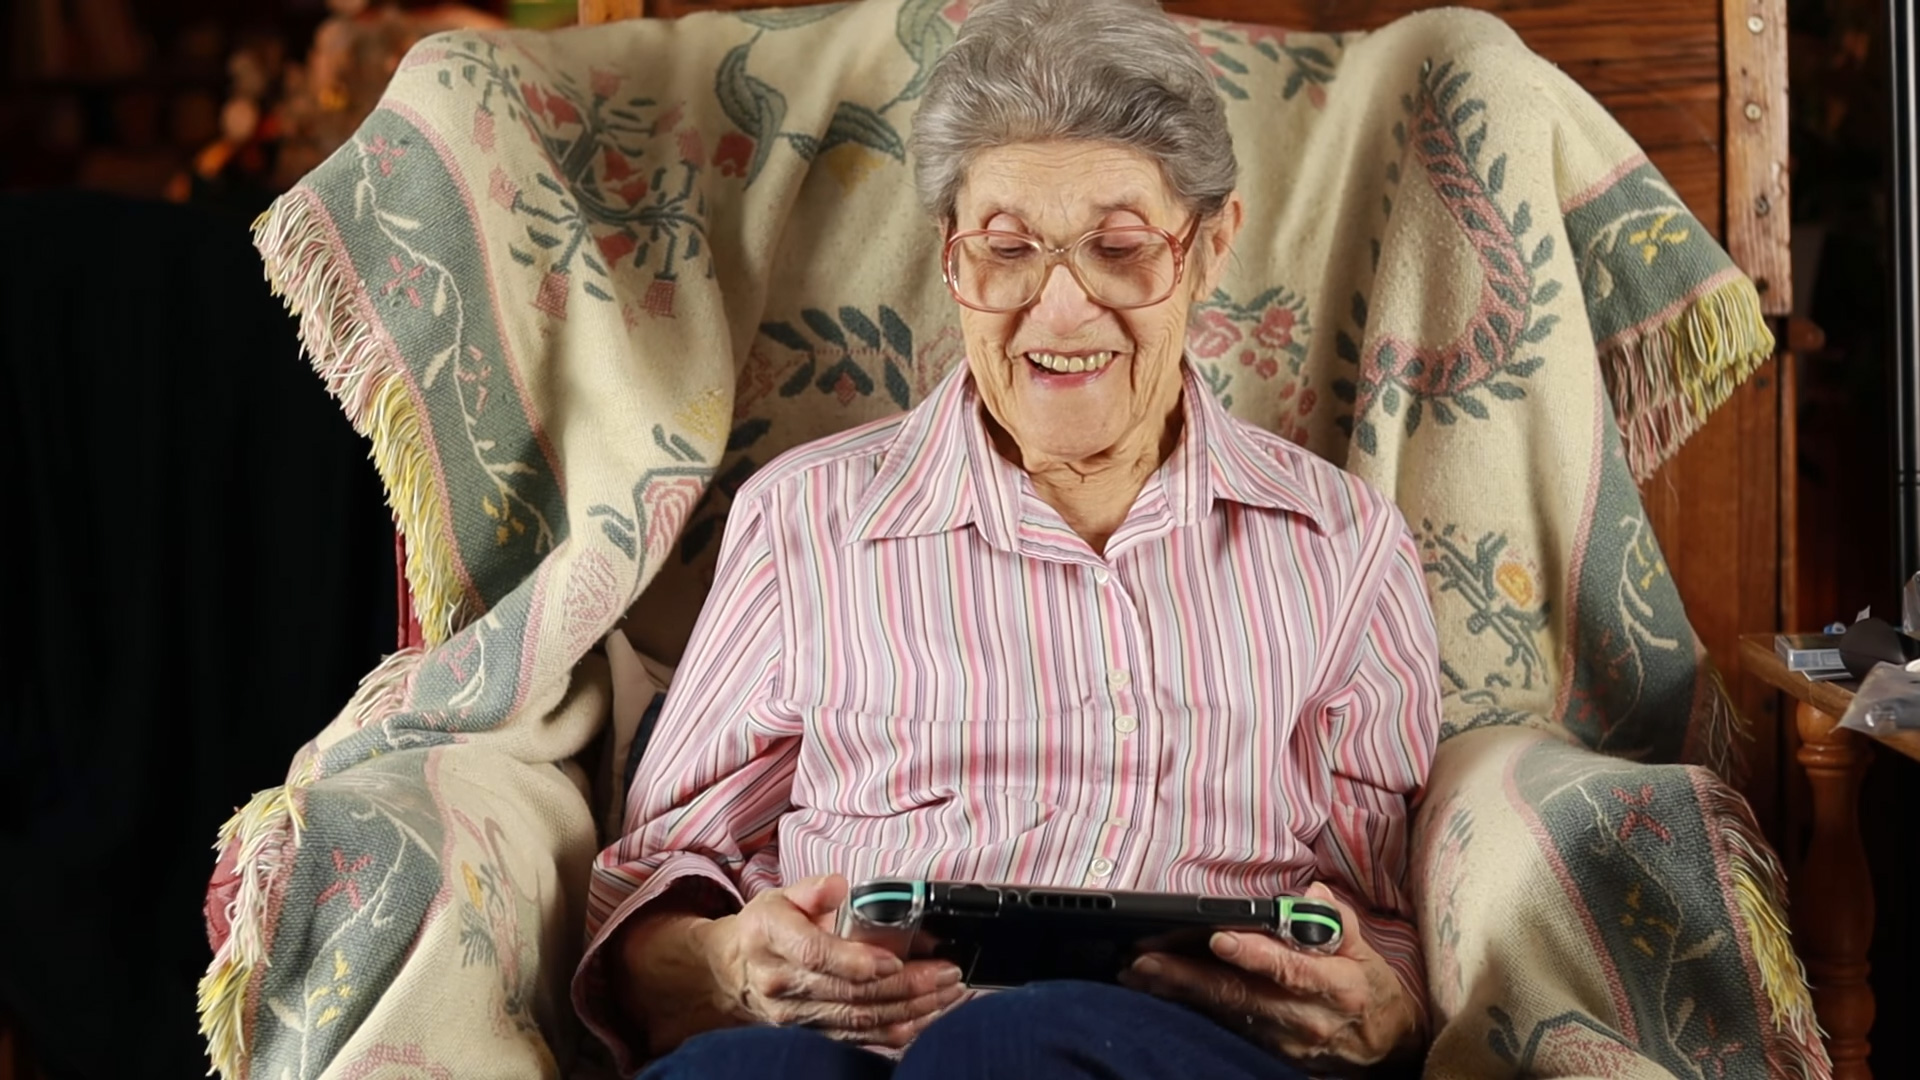 Everyone's favorite Animal Crossing grandma got New Horizons